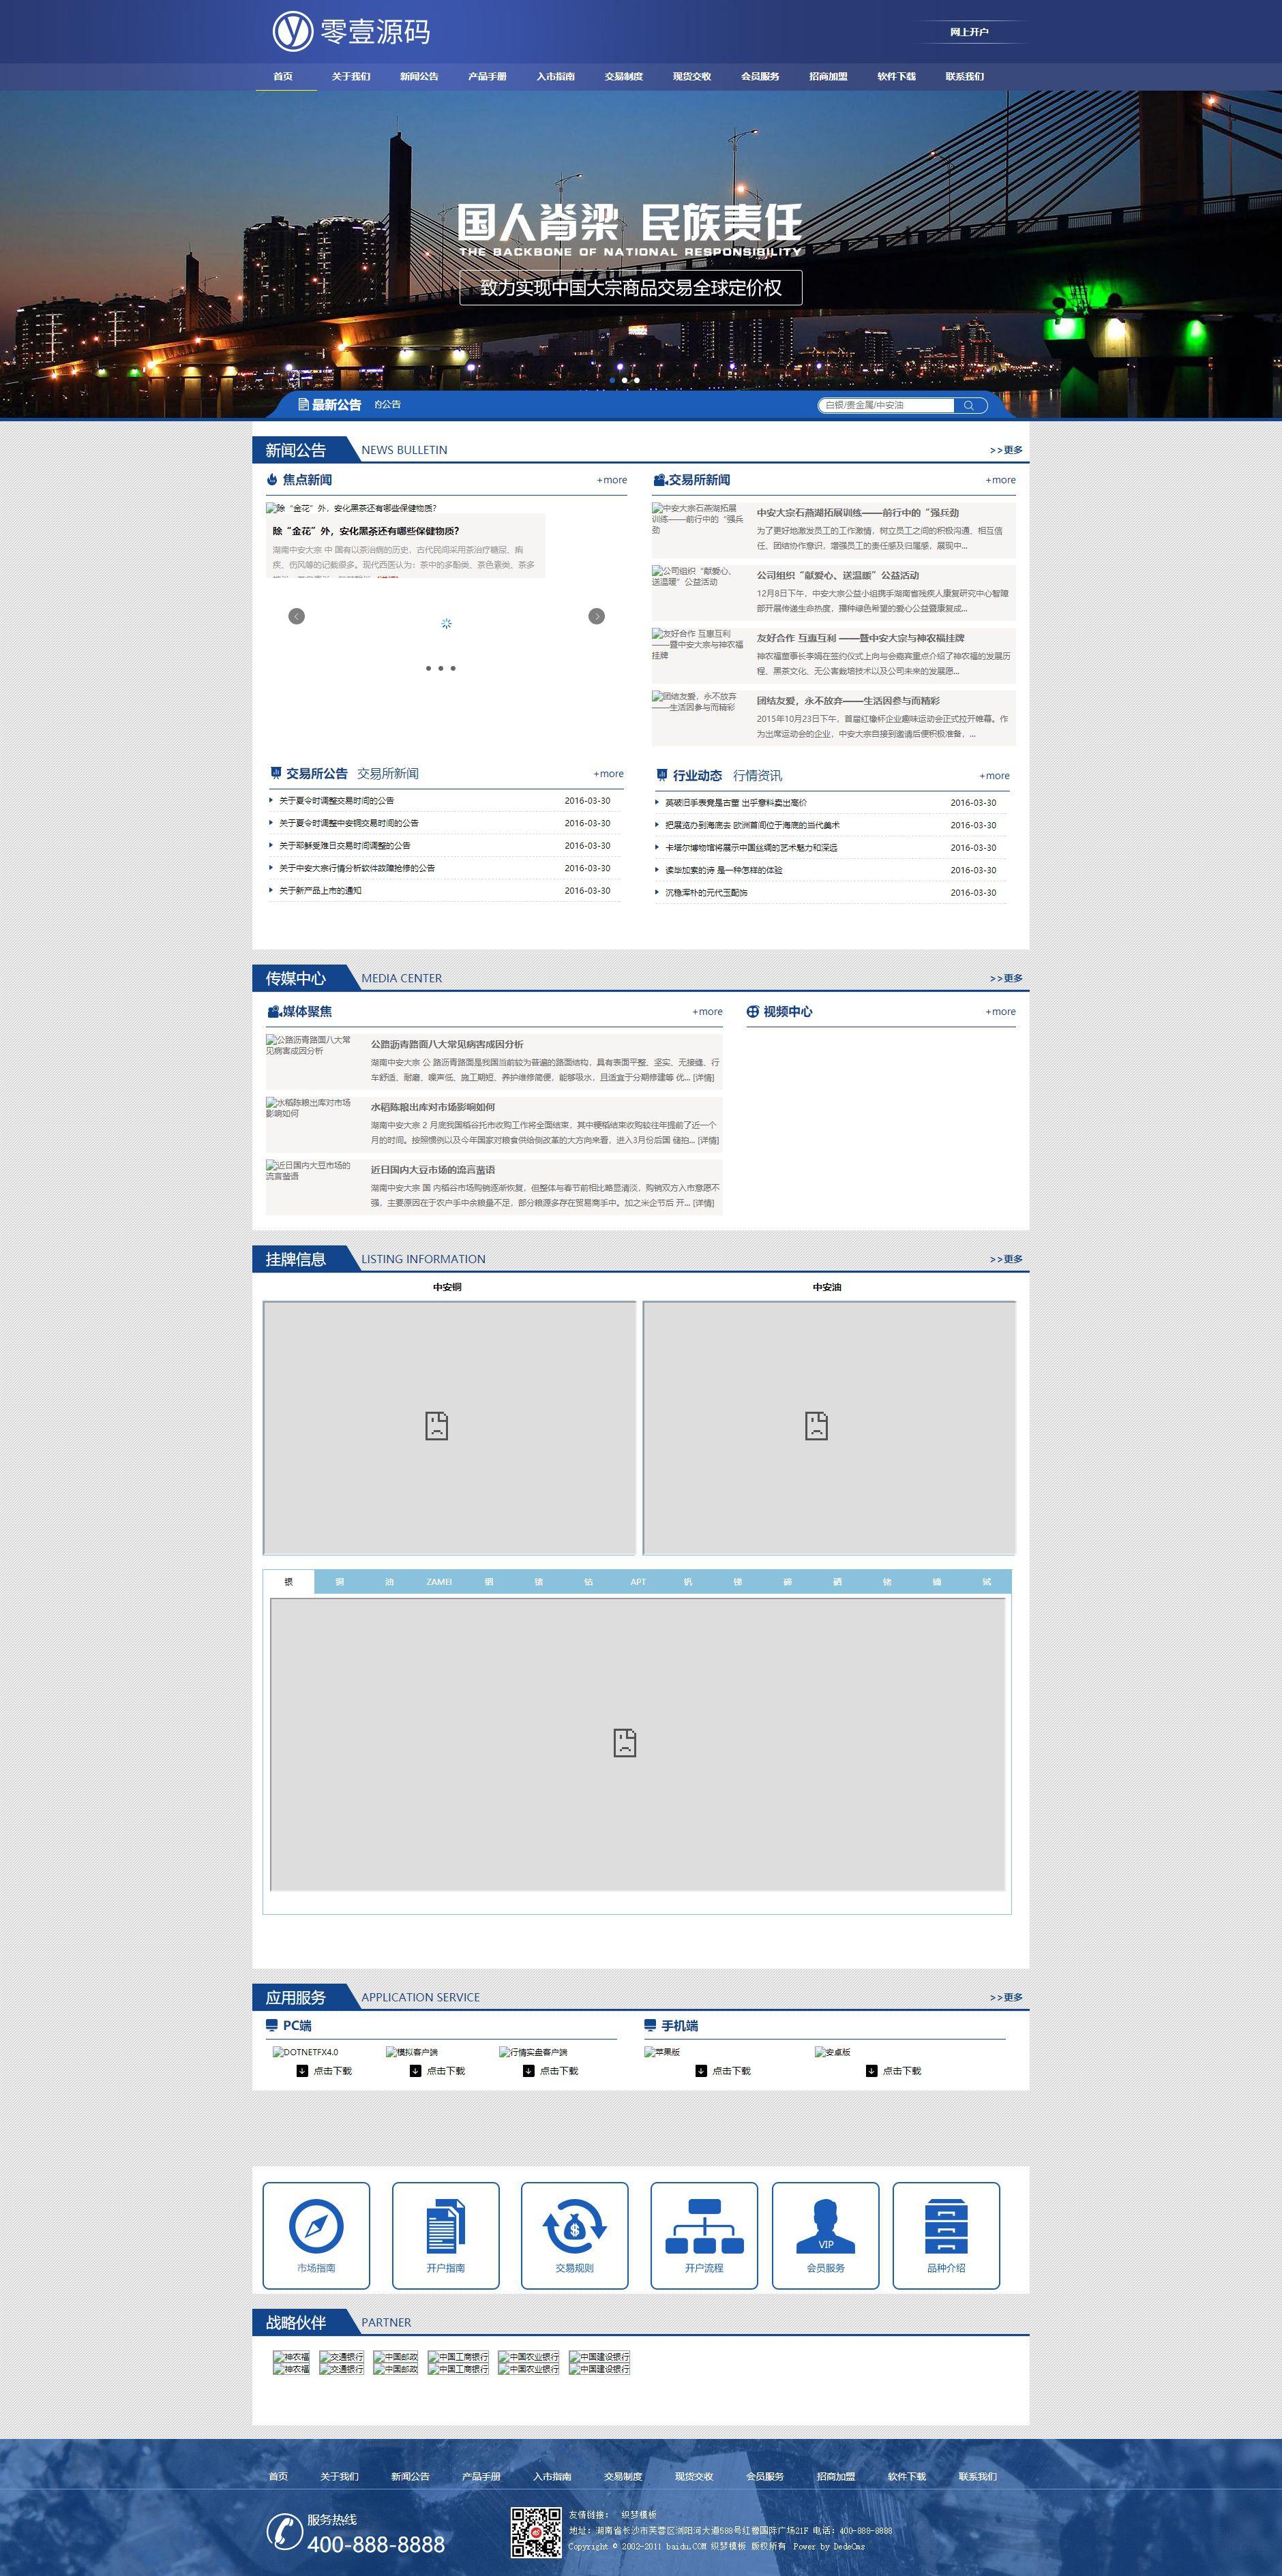 大宗商品现货交易市场网站织梦dedecms模板